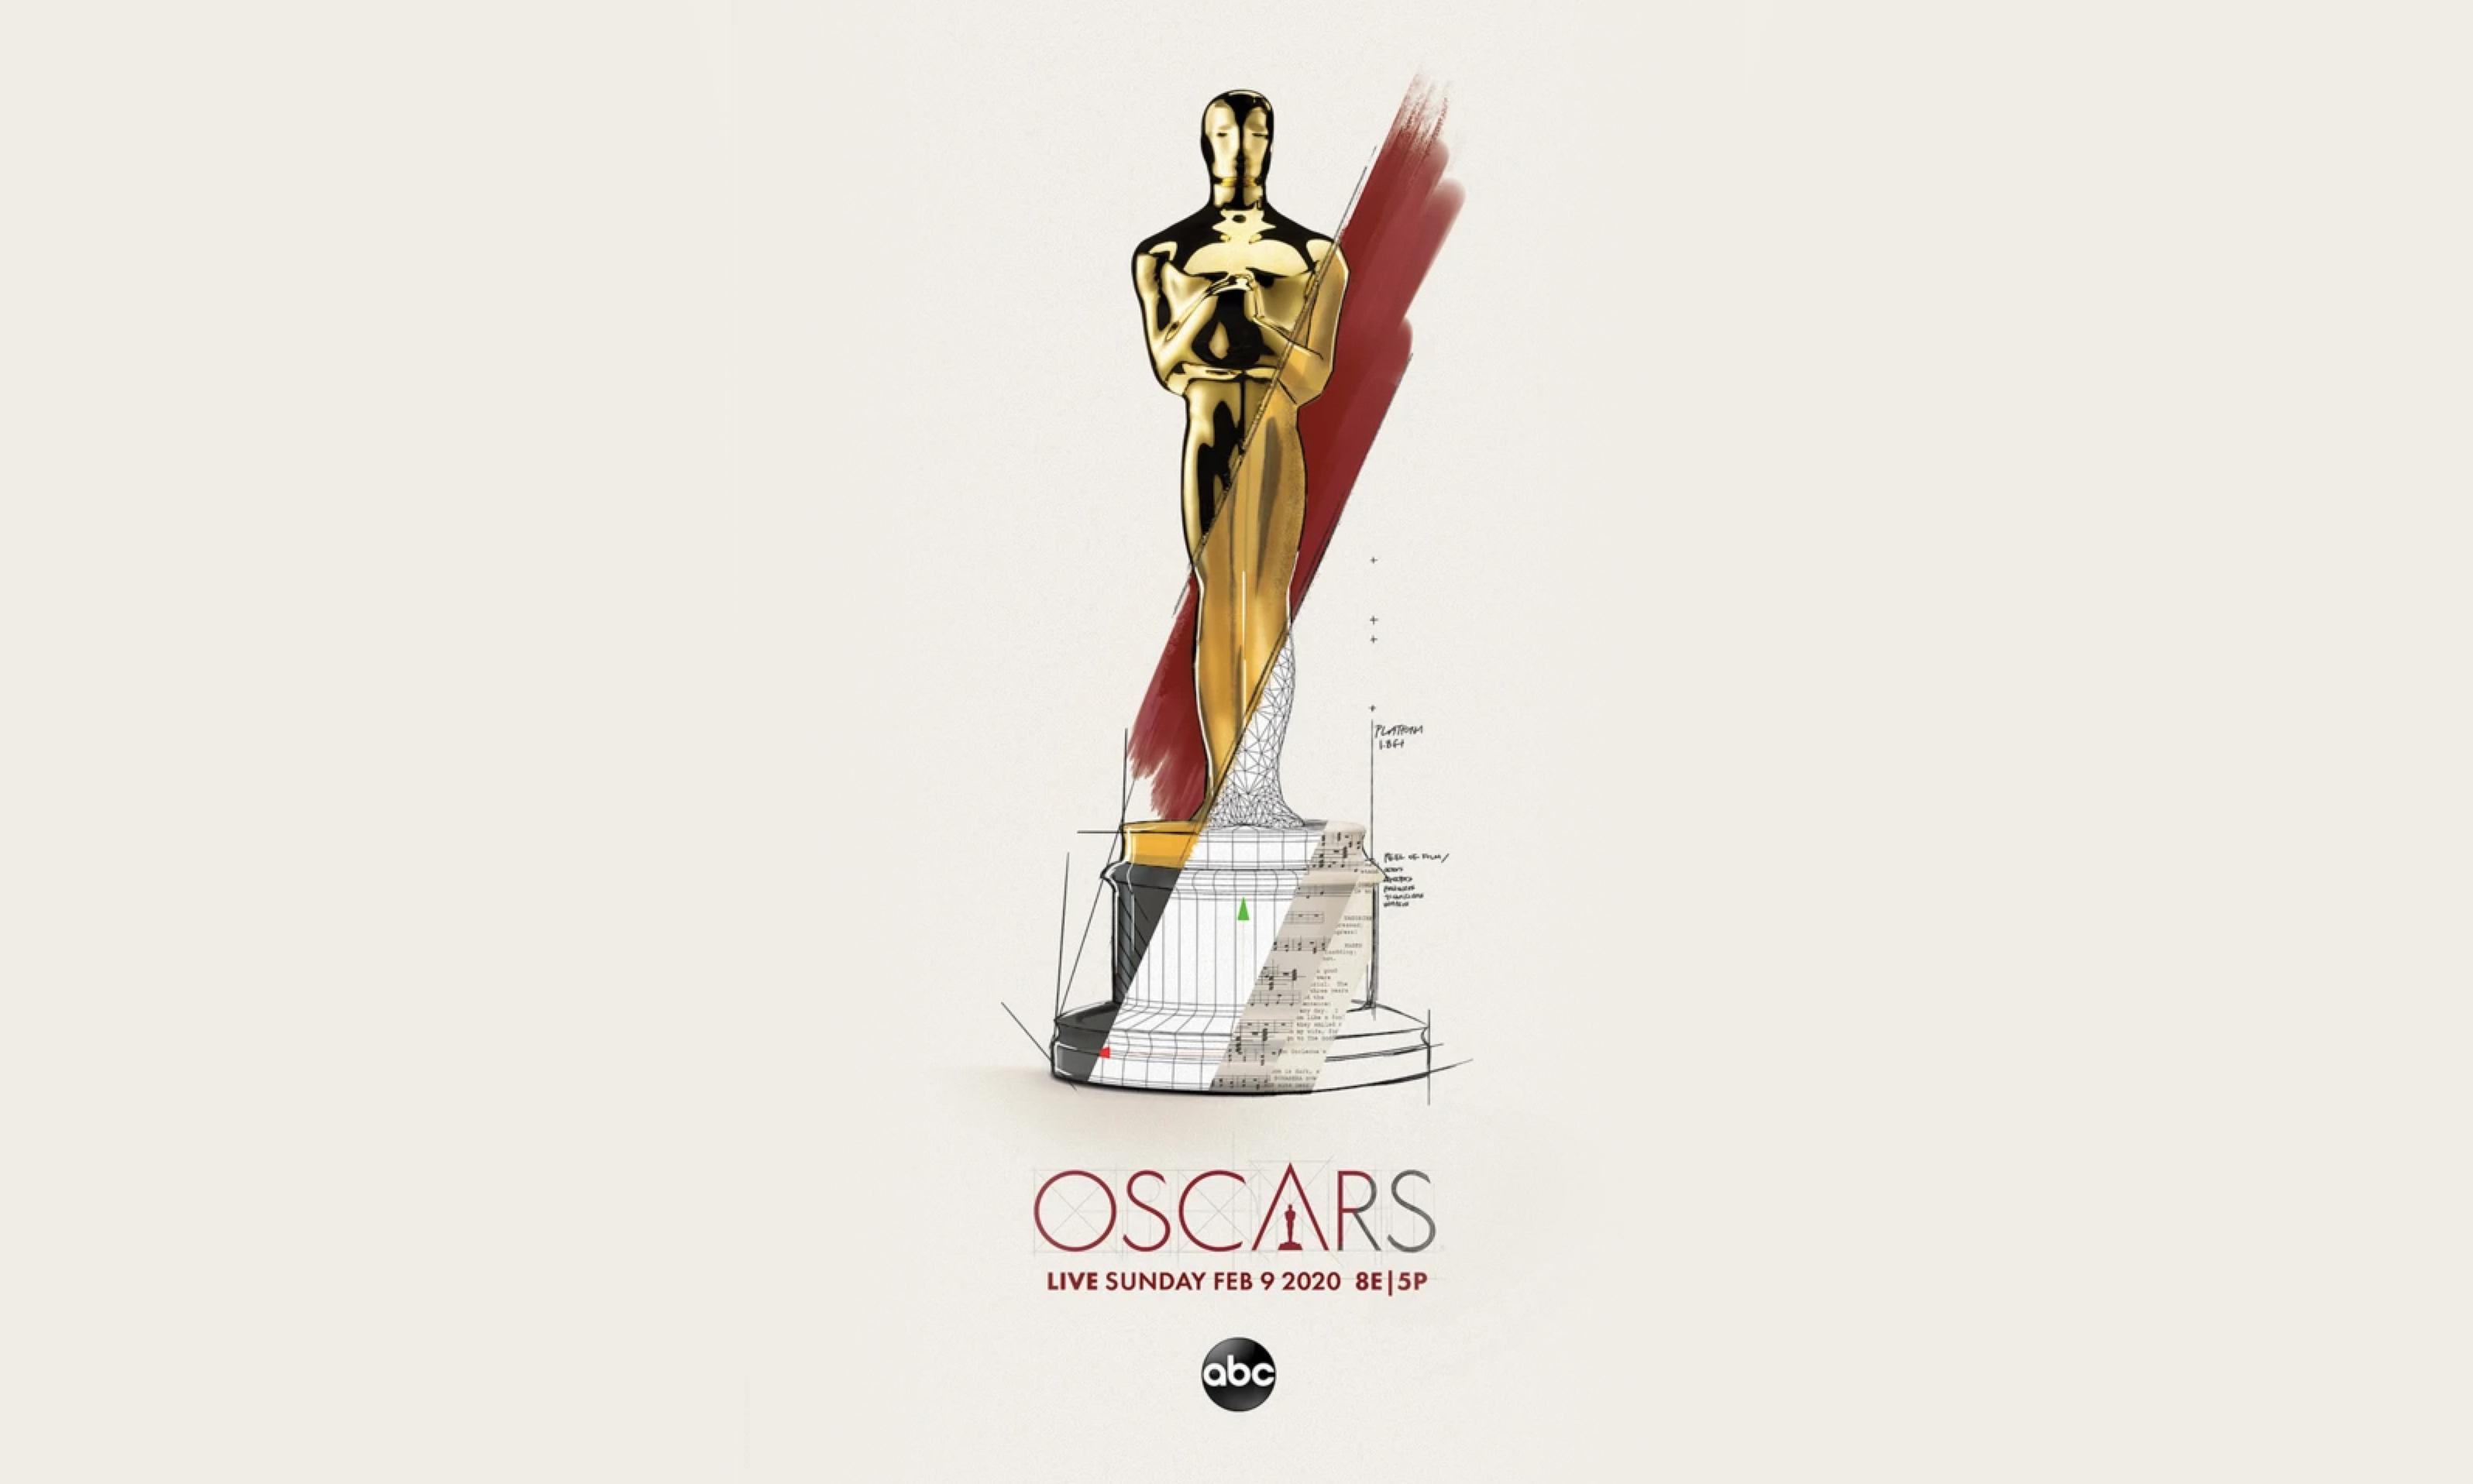 《寄生虫》成为最大赢家,第 92 届奥斯卡颁奖典礼回顾